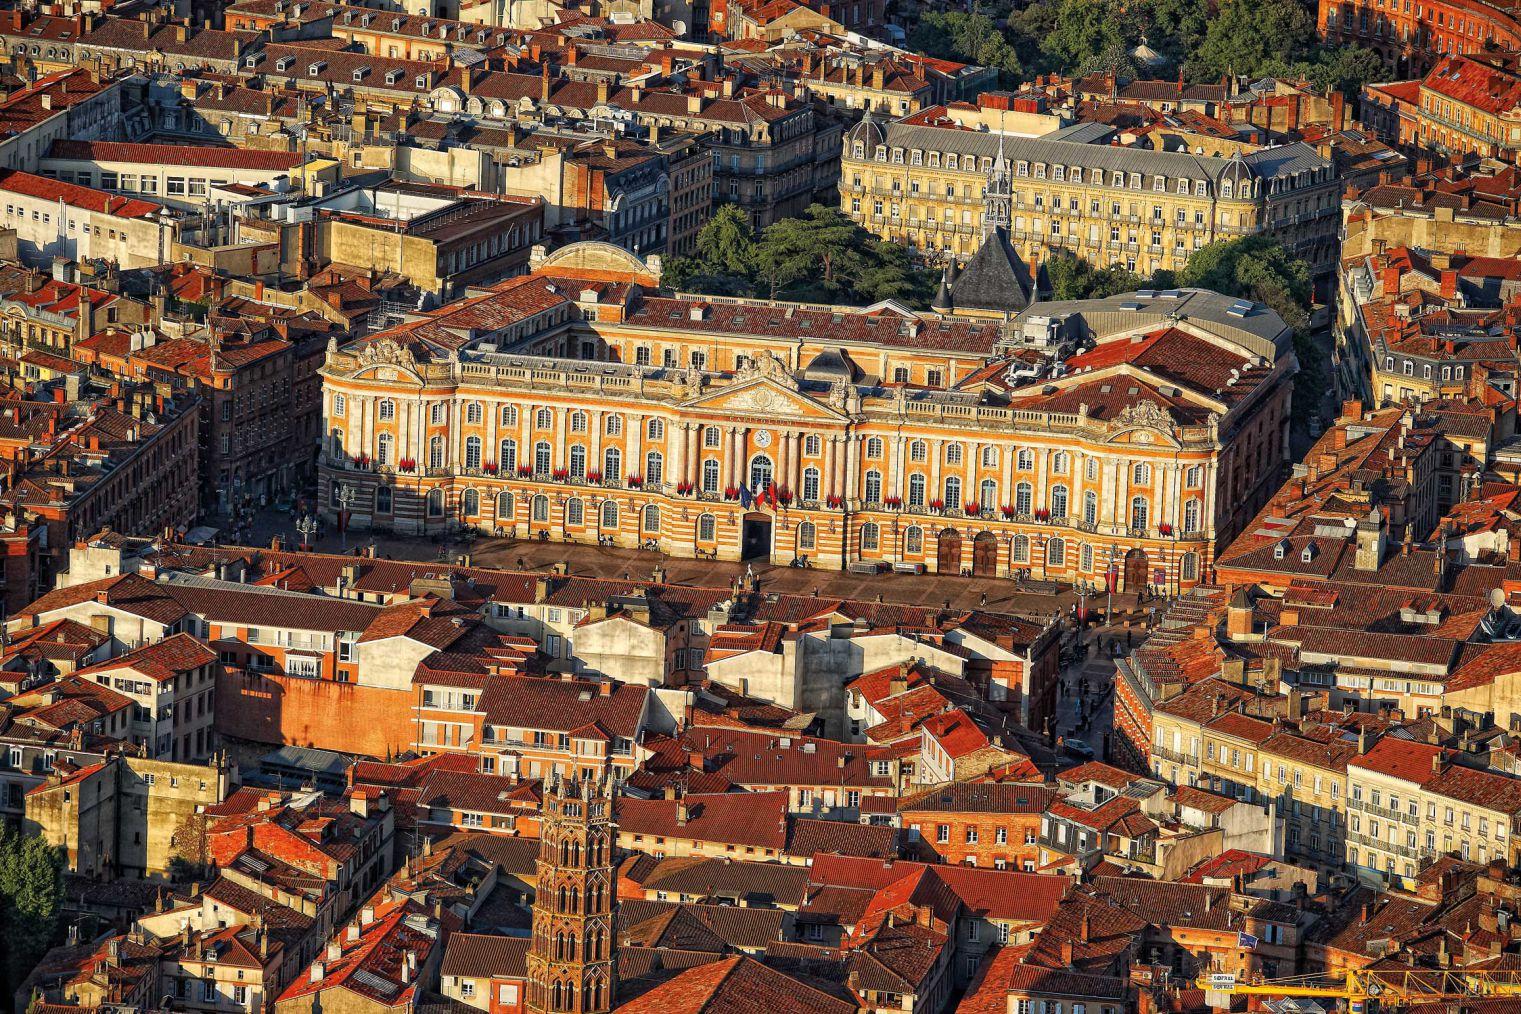 Тулуза, Франция. Toulouse, France